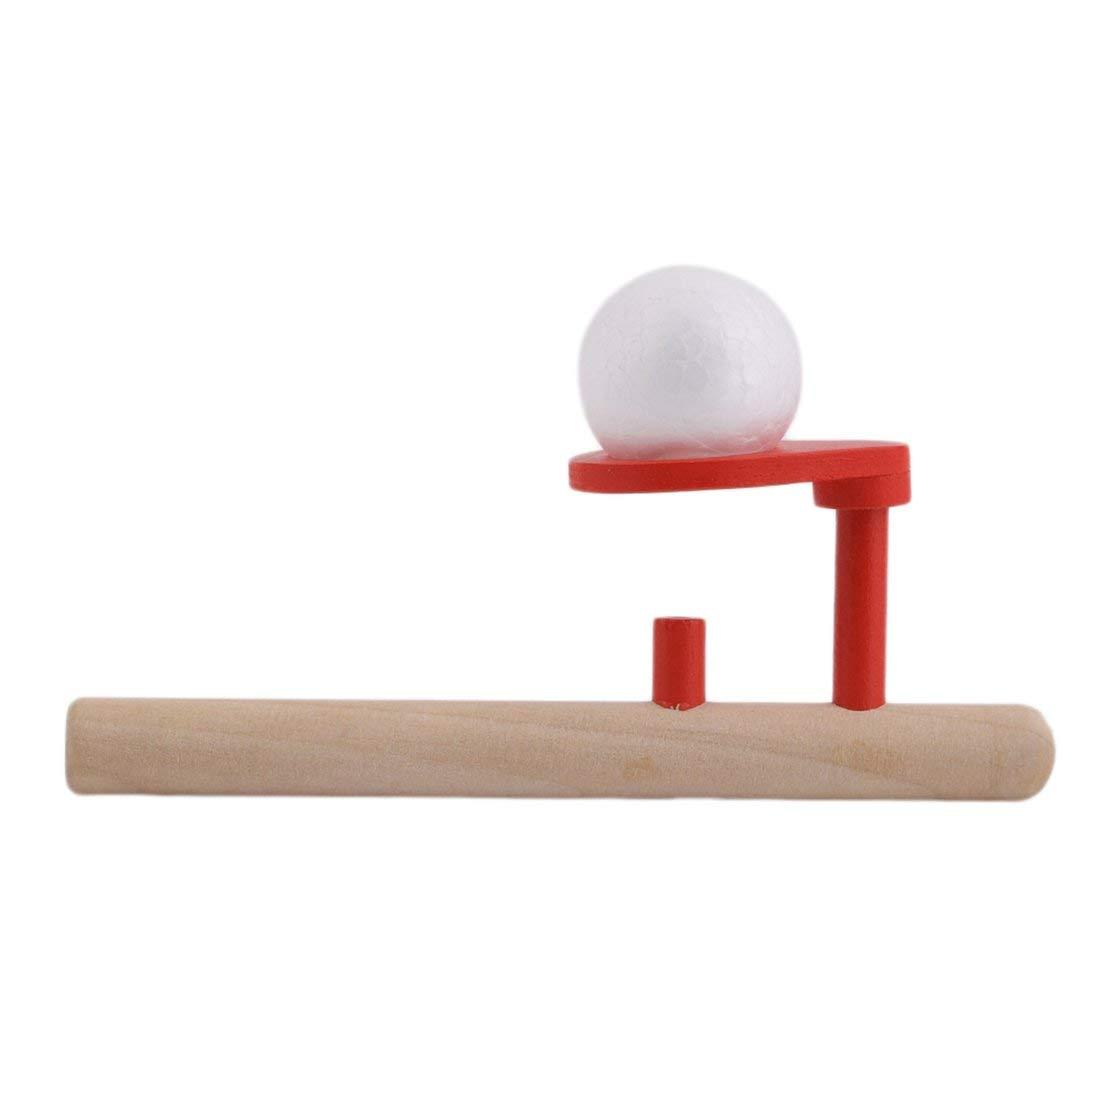 Kaemma Montessori Materials B/éb/é en Bois Coup de Passe-Temps Loisirs en Plein air Sport Jouet Balle Mousse Flottante Color:Wood and Red